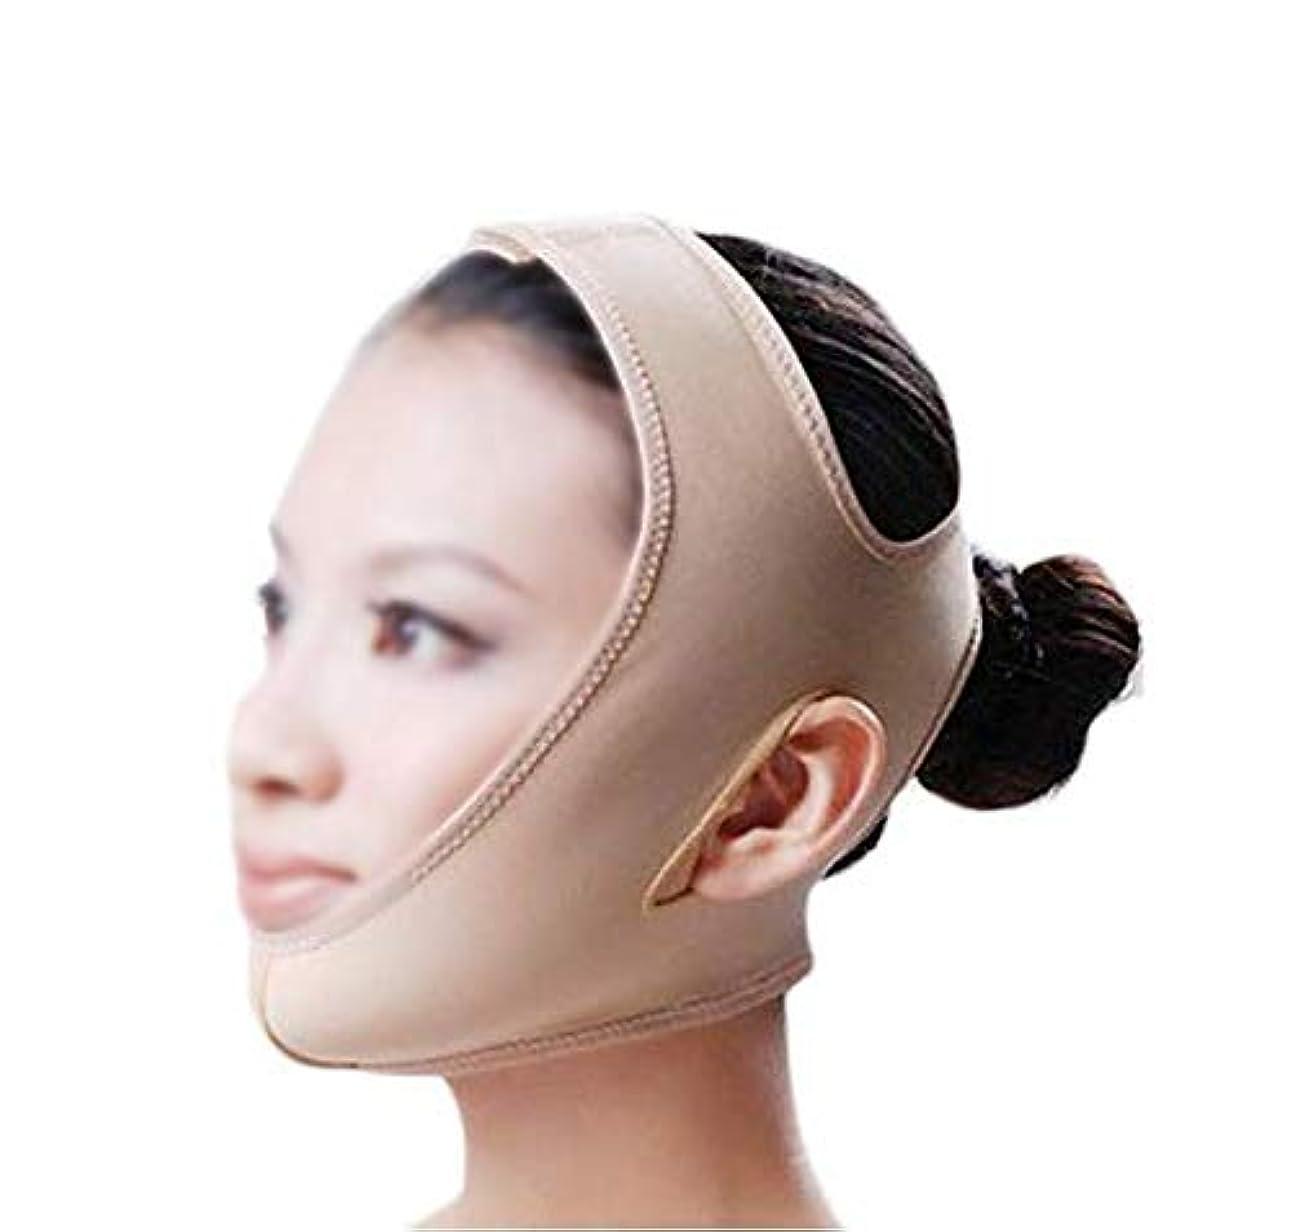 GLJJQMY 引き締めマスクマスクフェイシャルマスク美容薬マスク美容V顔包帯ライン彫刻引き締めしっかりした二重あごマスク 顔用整形マスク (Size : M)